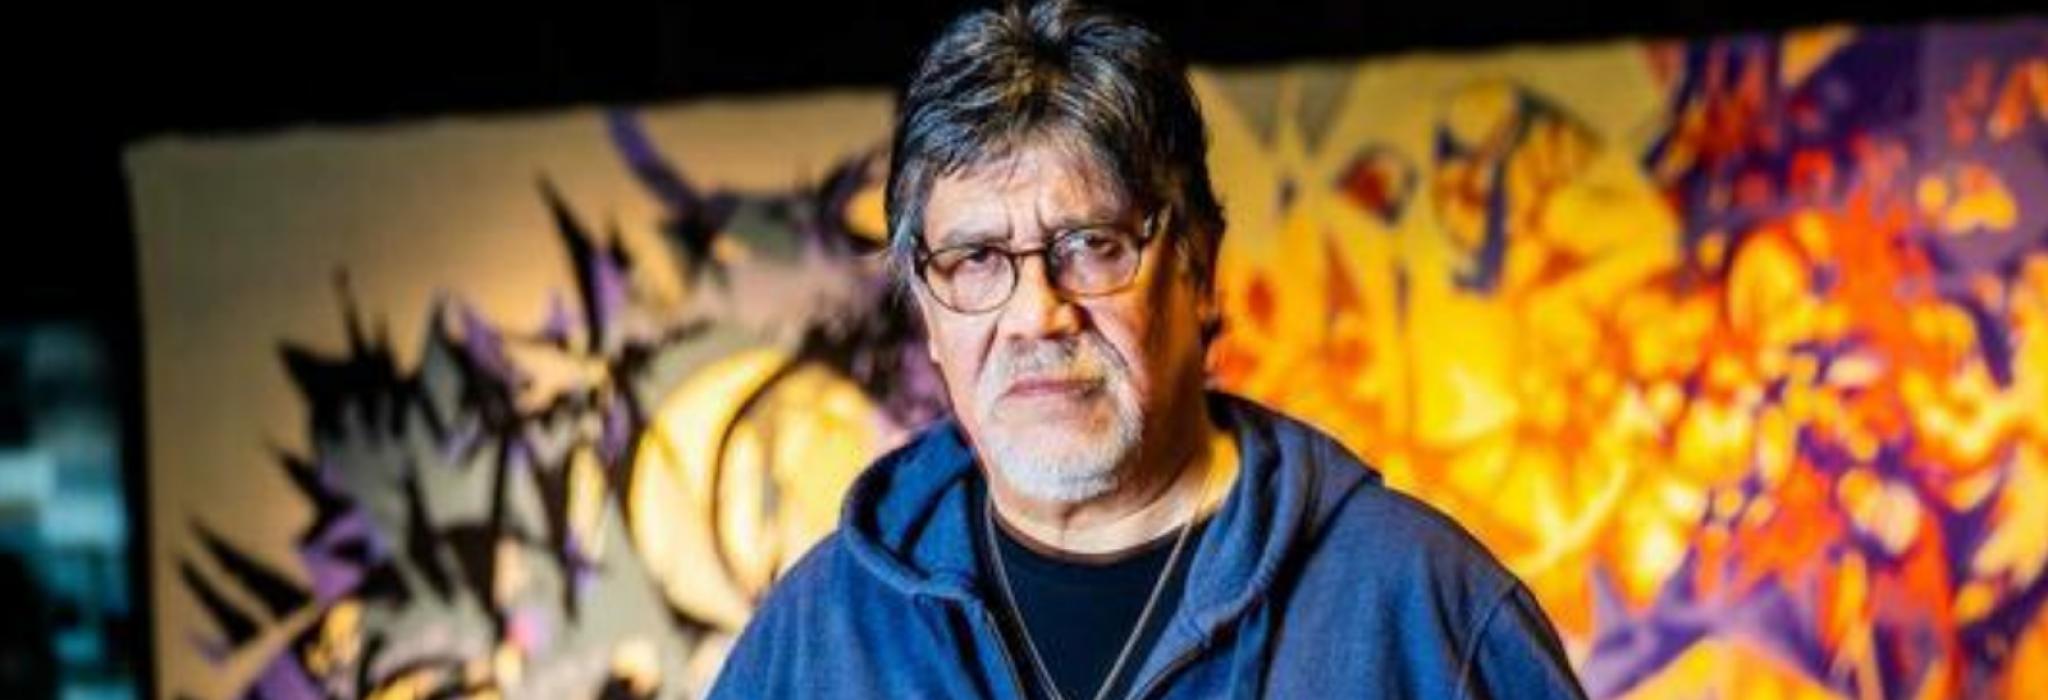 Luis Sepulveda: cittadino del mondo